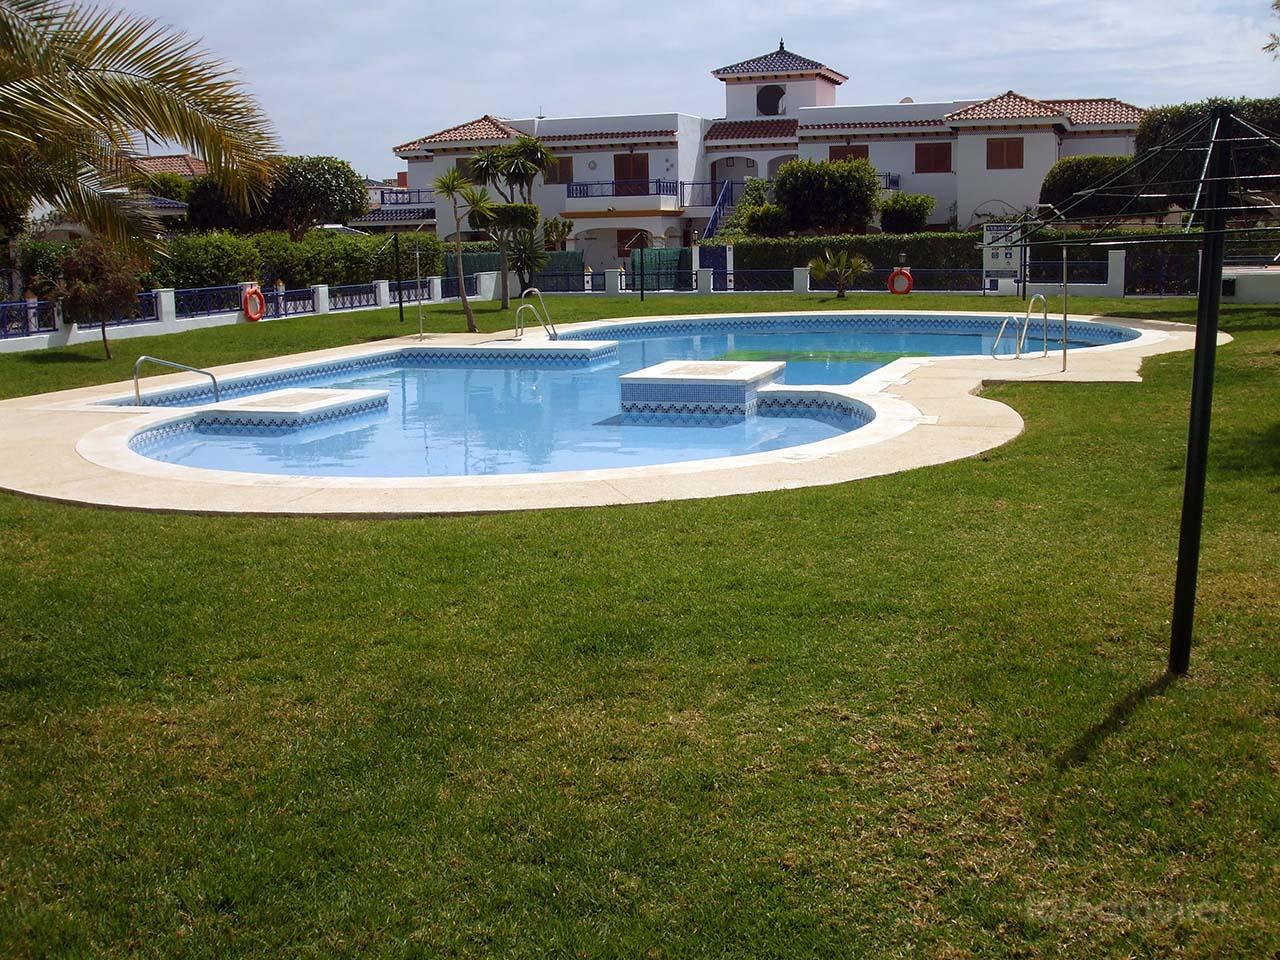 Alquiler apartamento en Urbanización Veramar II, Vera, Almería